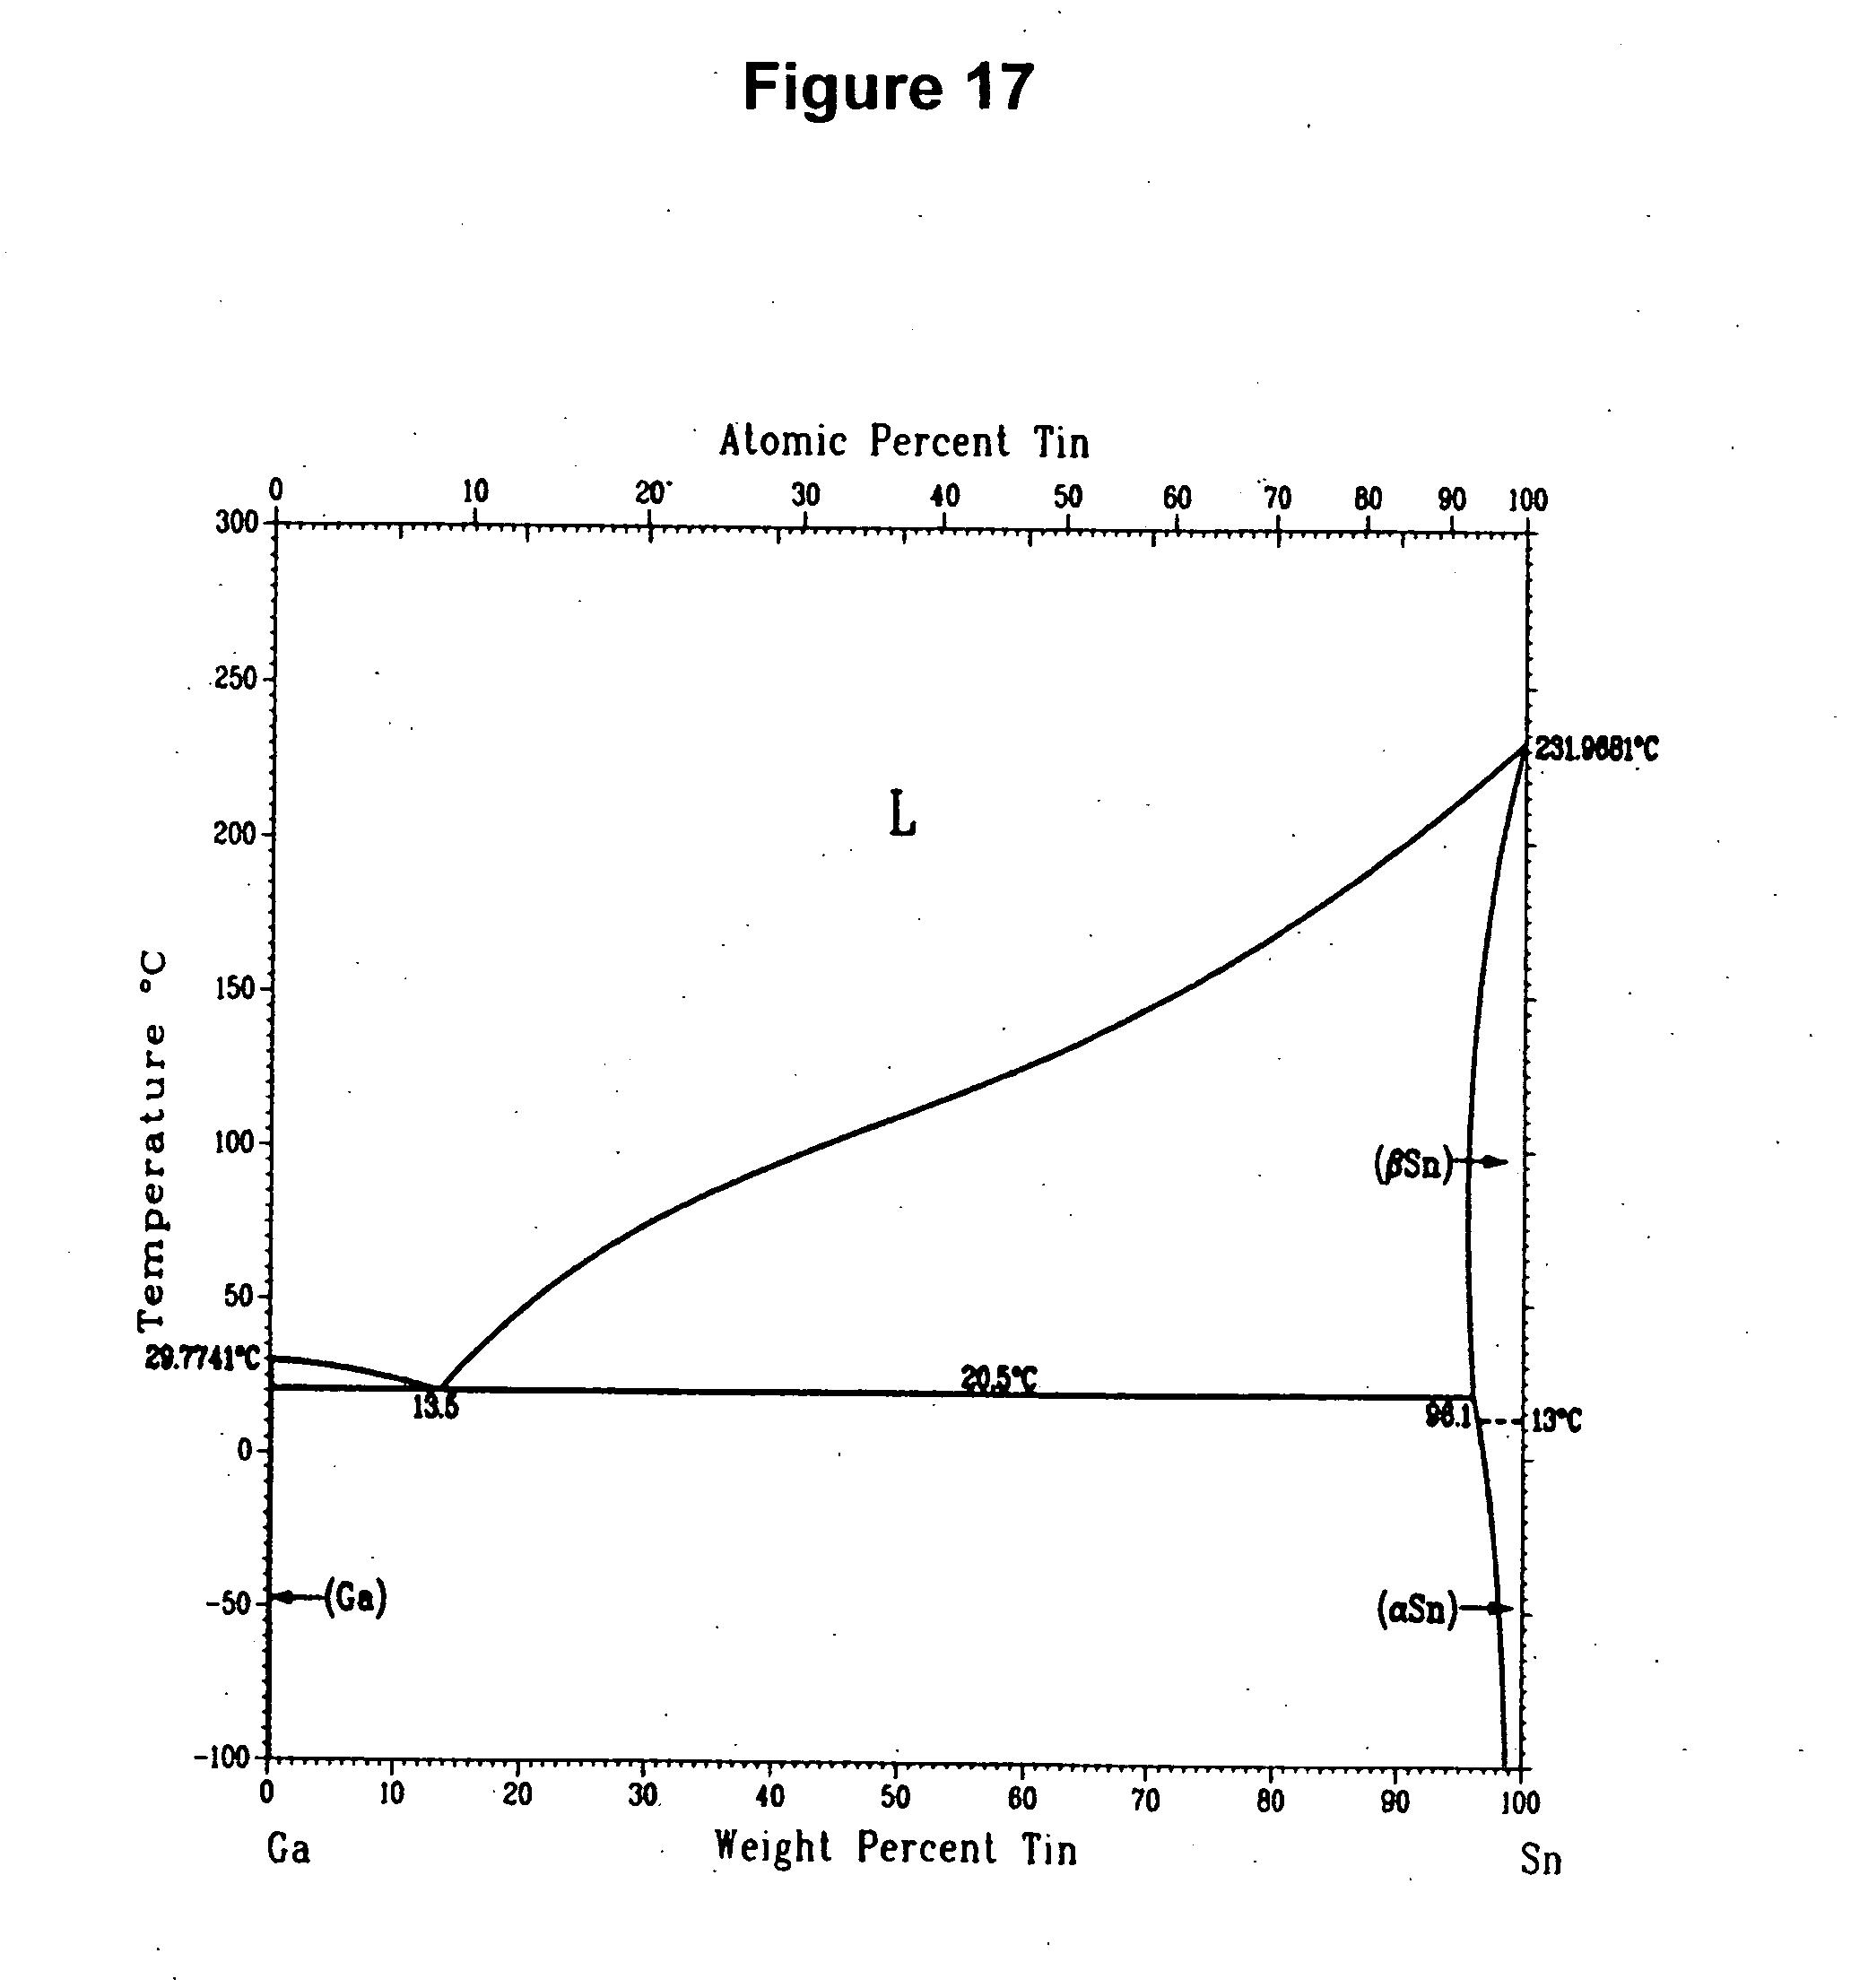 Wayne county public library palladium titanium phase diagram palladium titanium phase diagram pooptronica Images